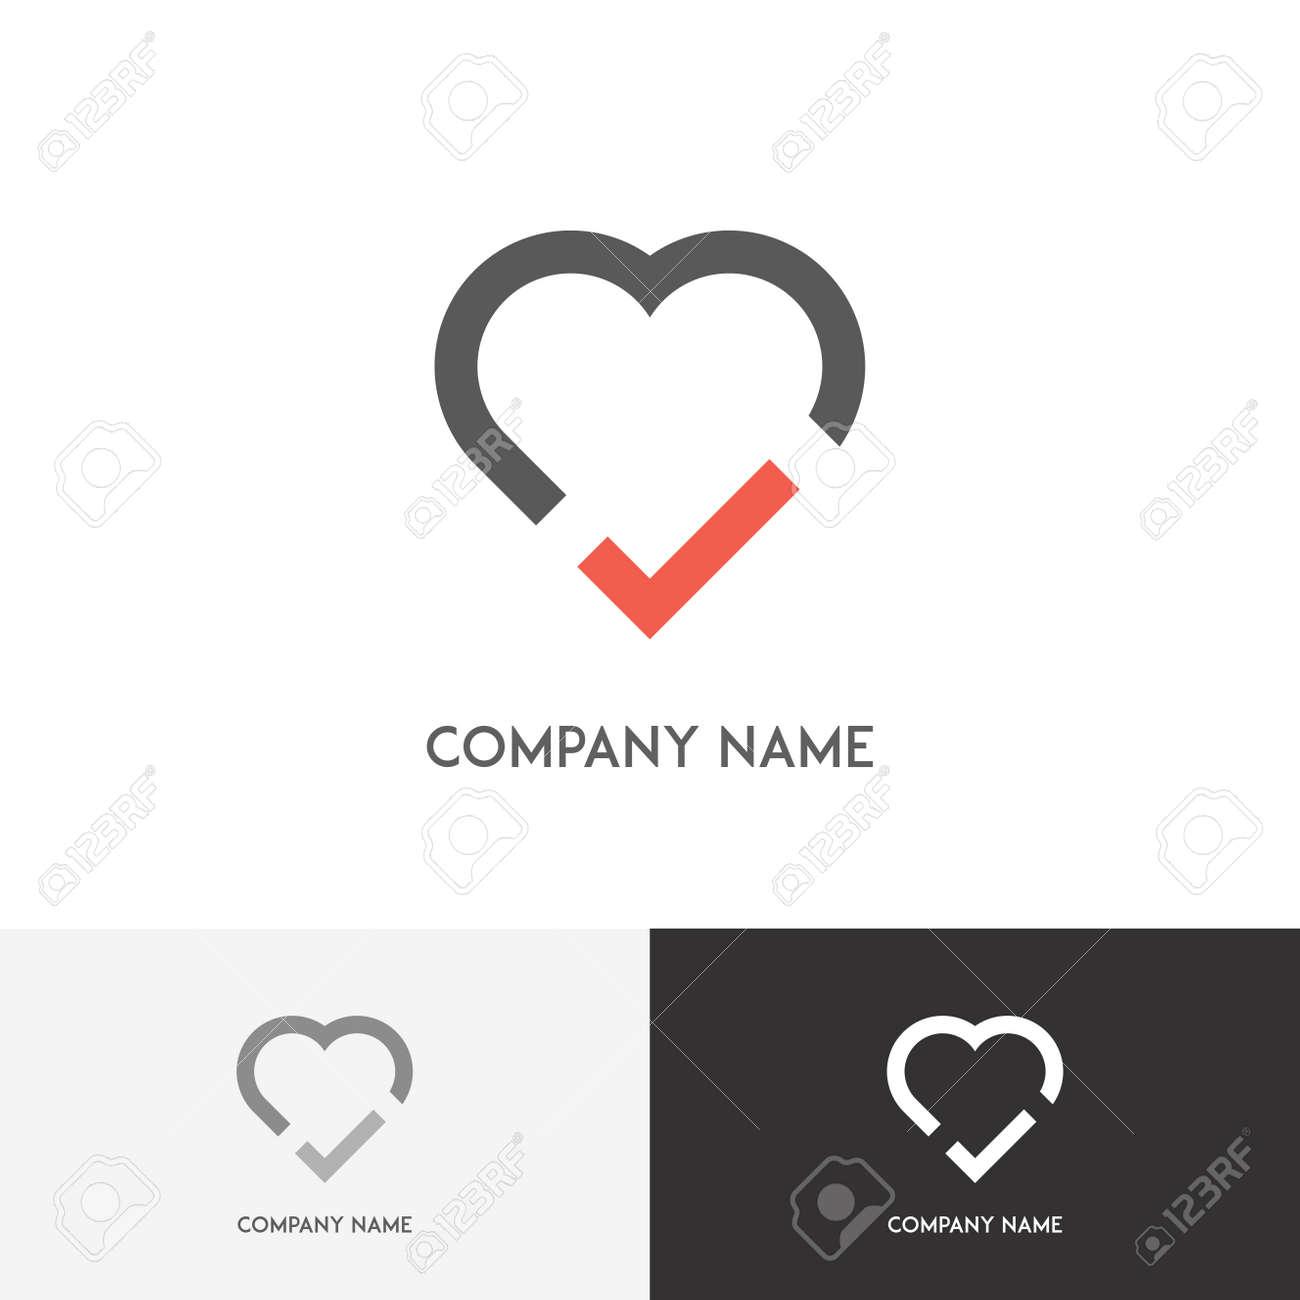 Logotipo De Amor - Corazón Con Tic En El Fondo Blanco Ilustraciones ...